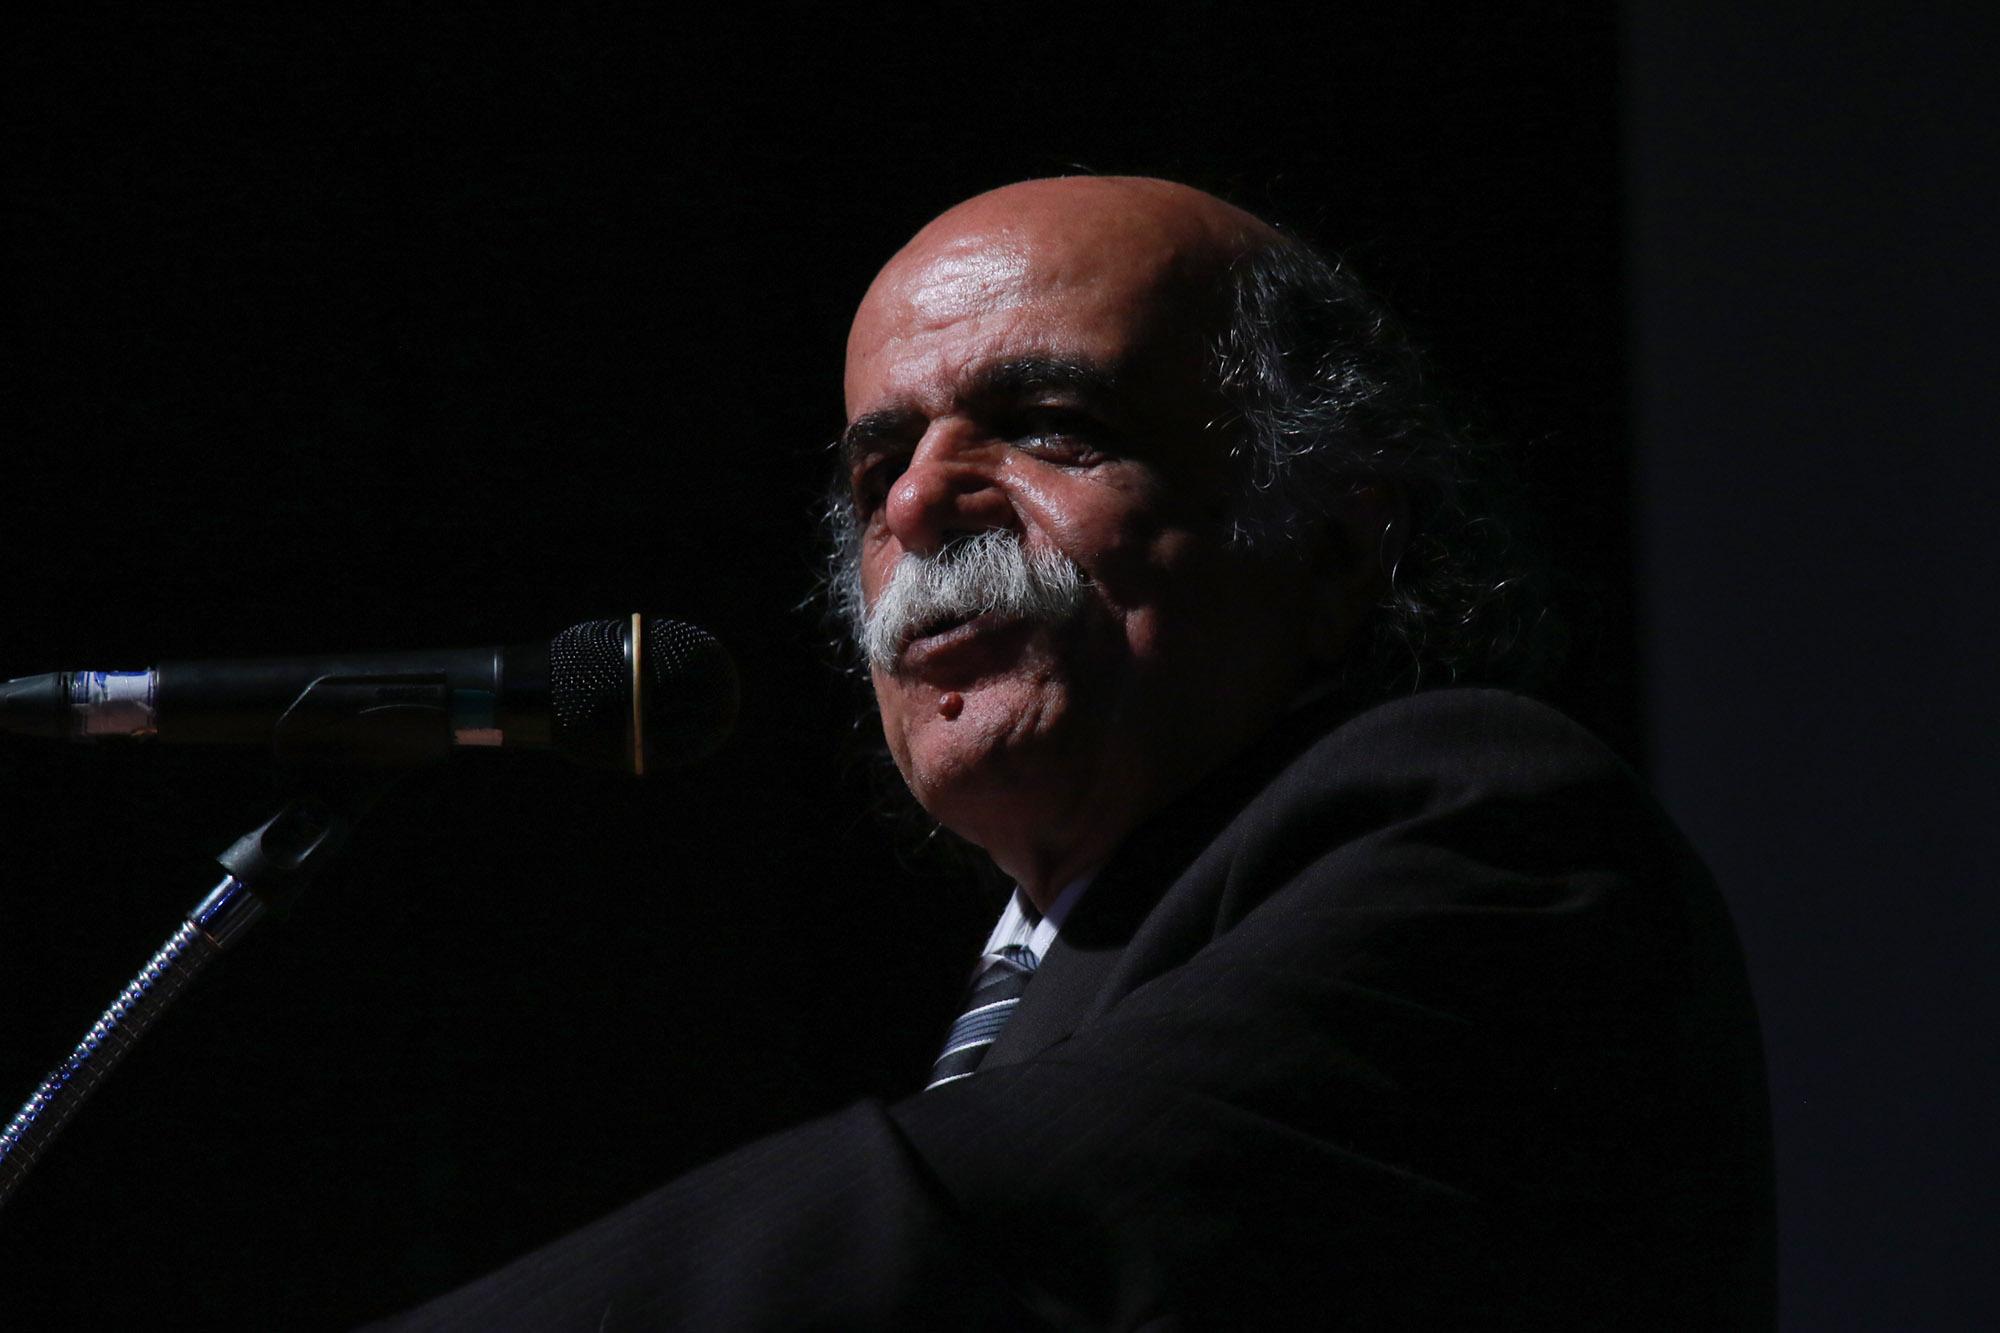 در این درد مردافکن که بن بی دردی را بر می کند / میرجلال الدین کزازی